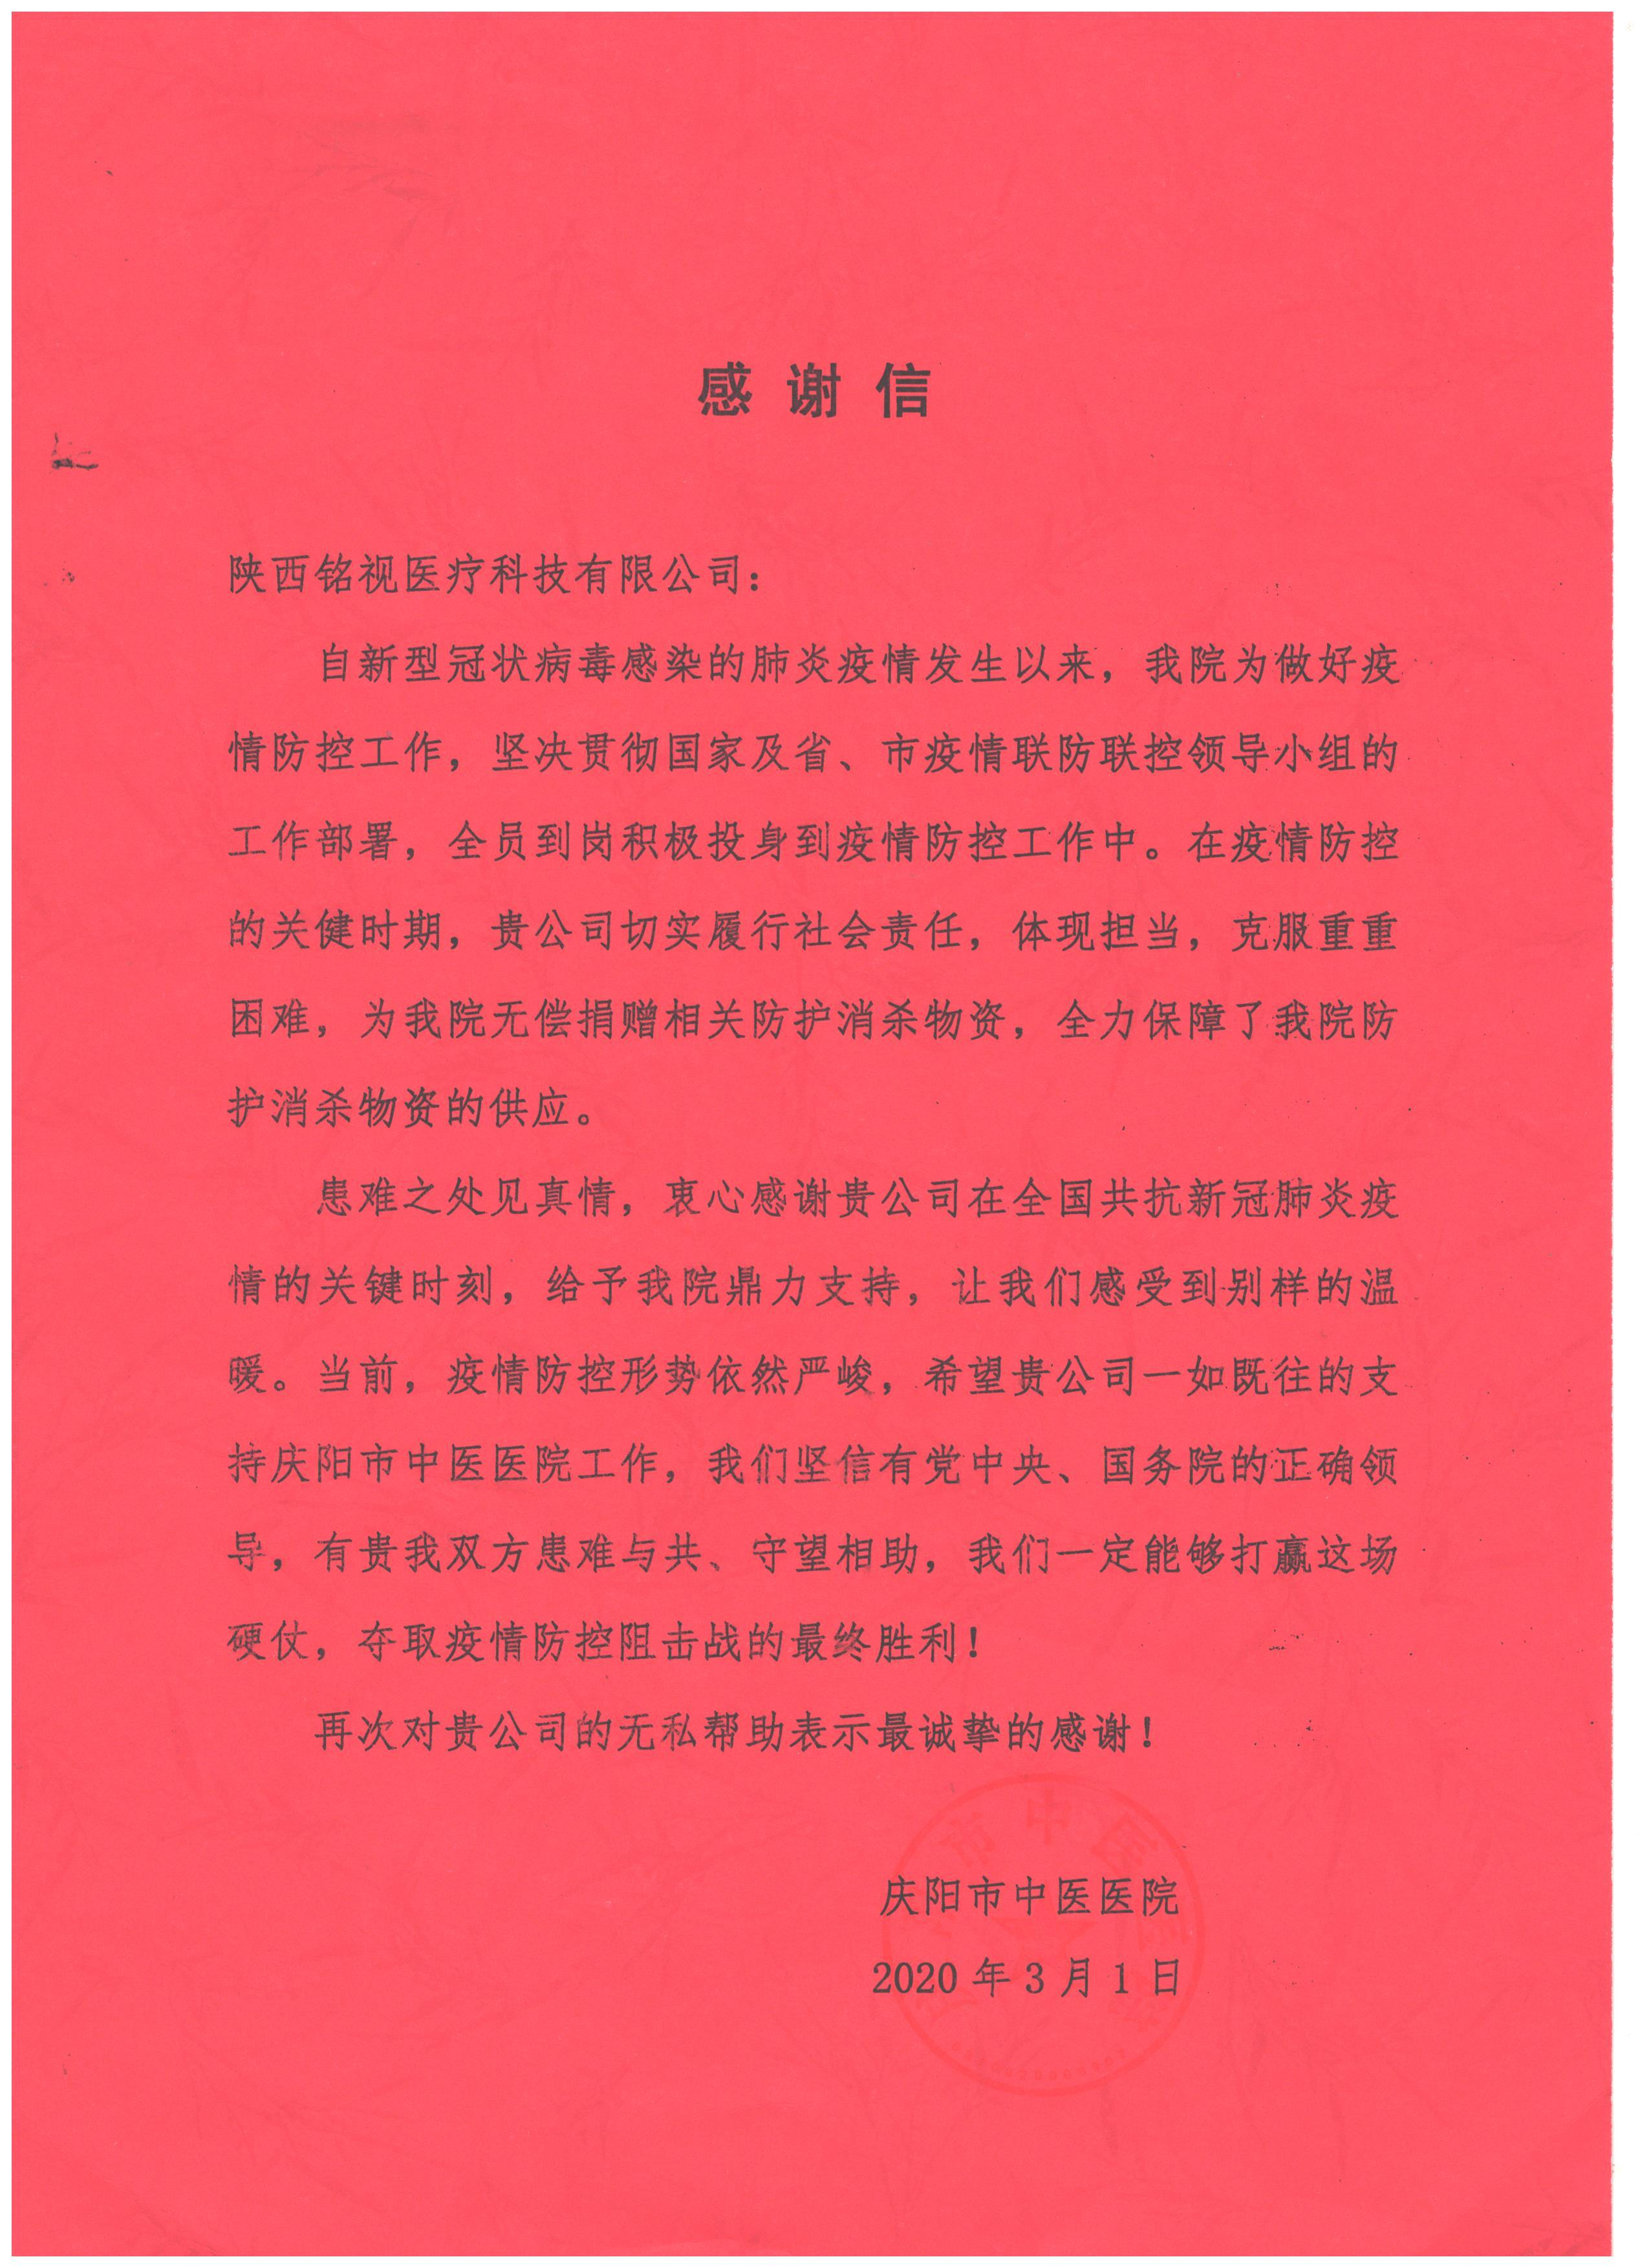 庆阳市中医医院